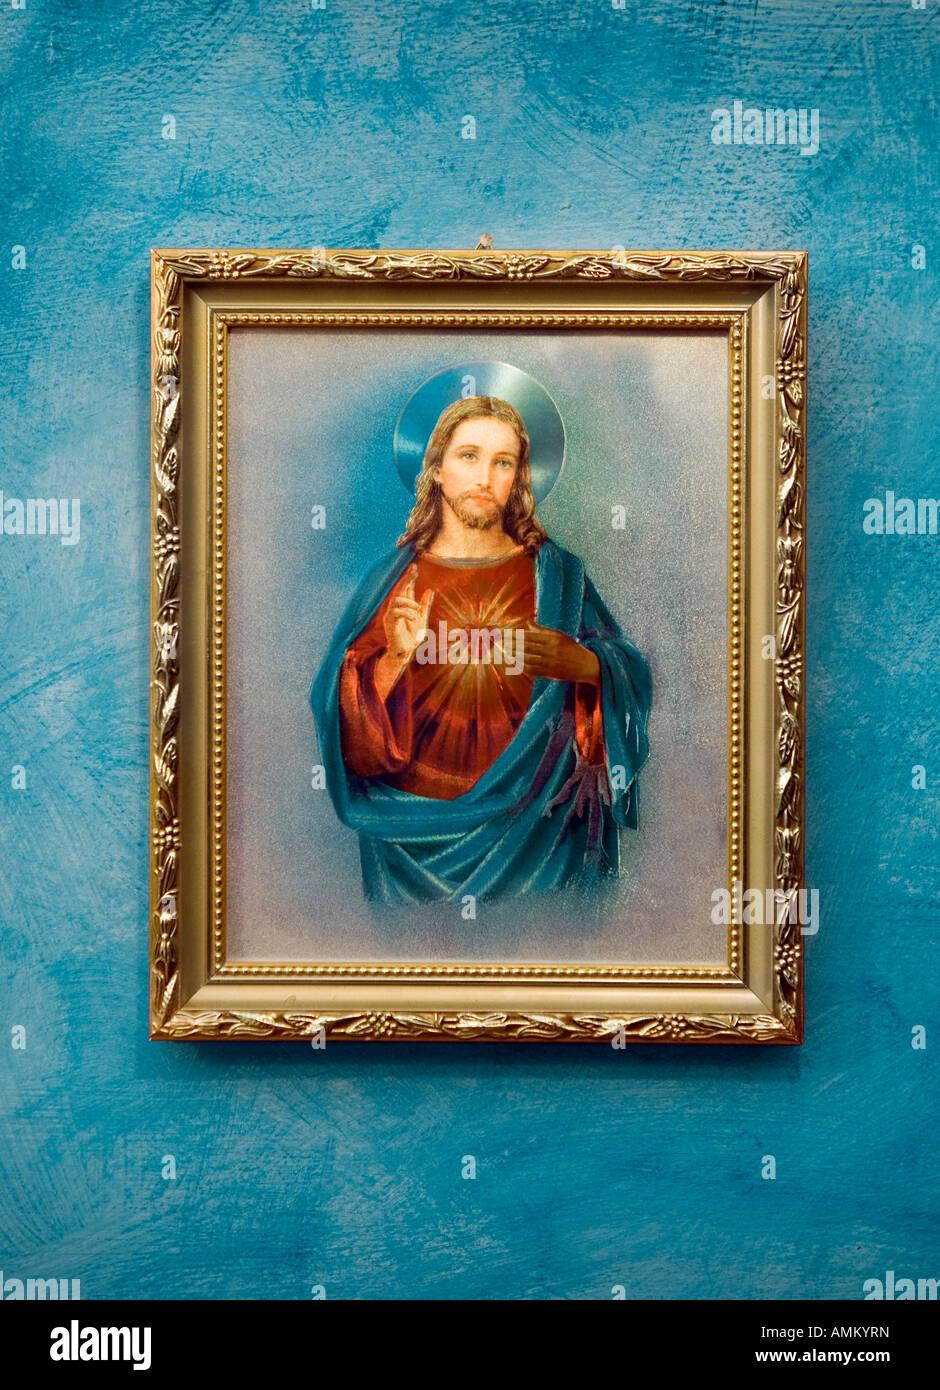 Bonito Jesús Enmarcado Fotos Foto - Ideas de Arte Enmarcado ...